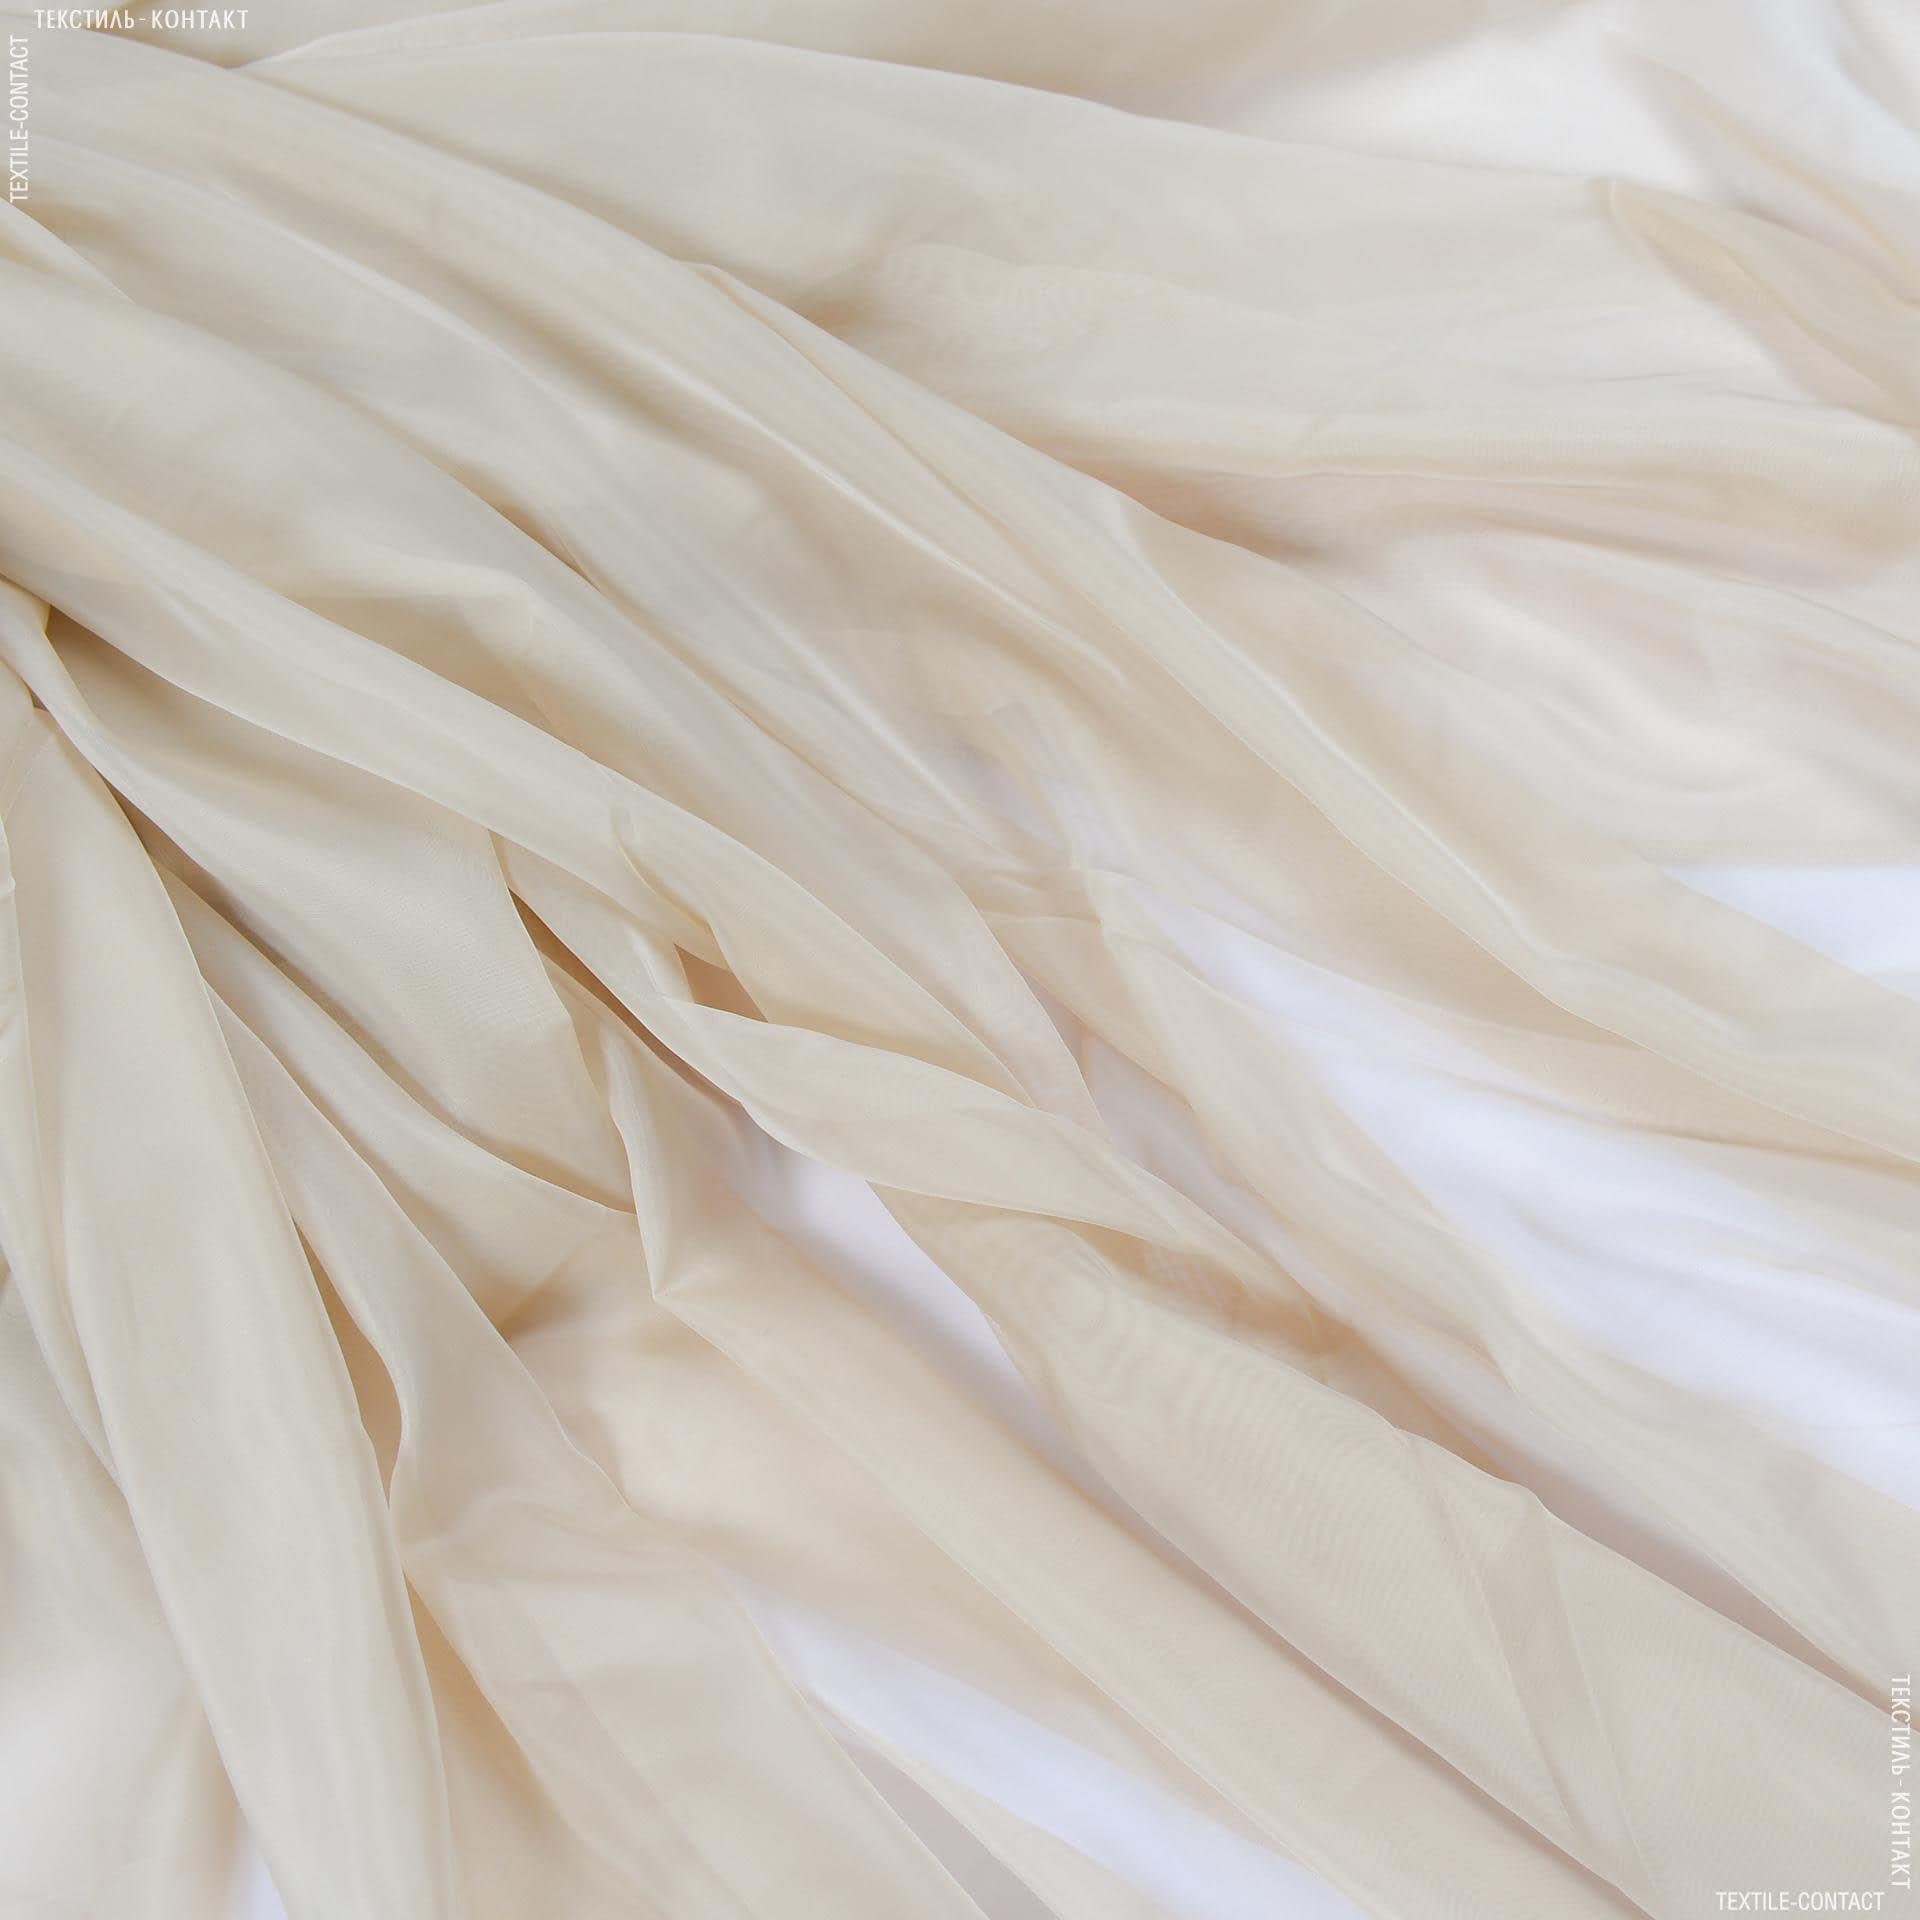 Тканини гардинні тканини - Тюль вуаль-шовк т.пісок